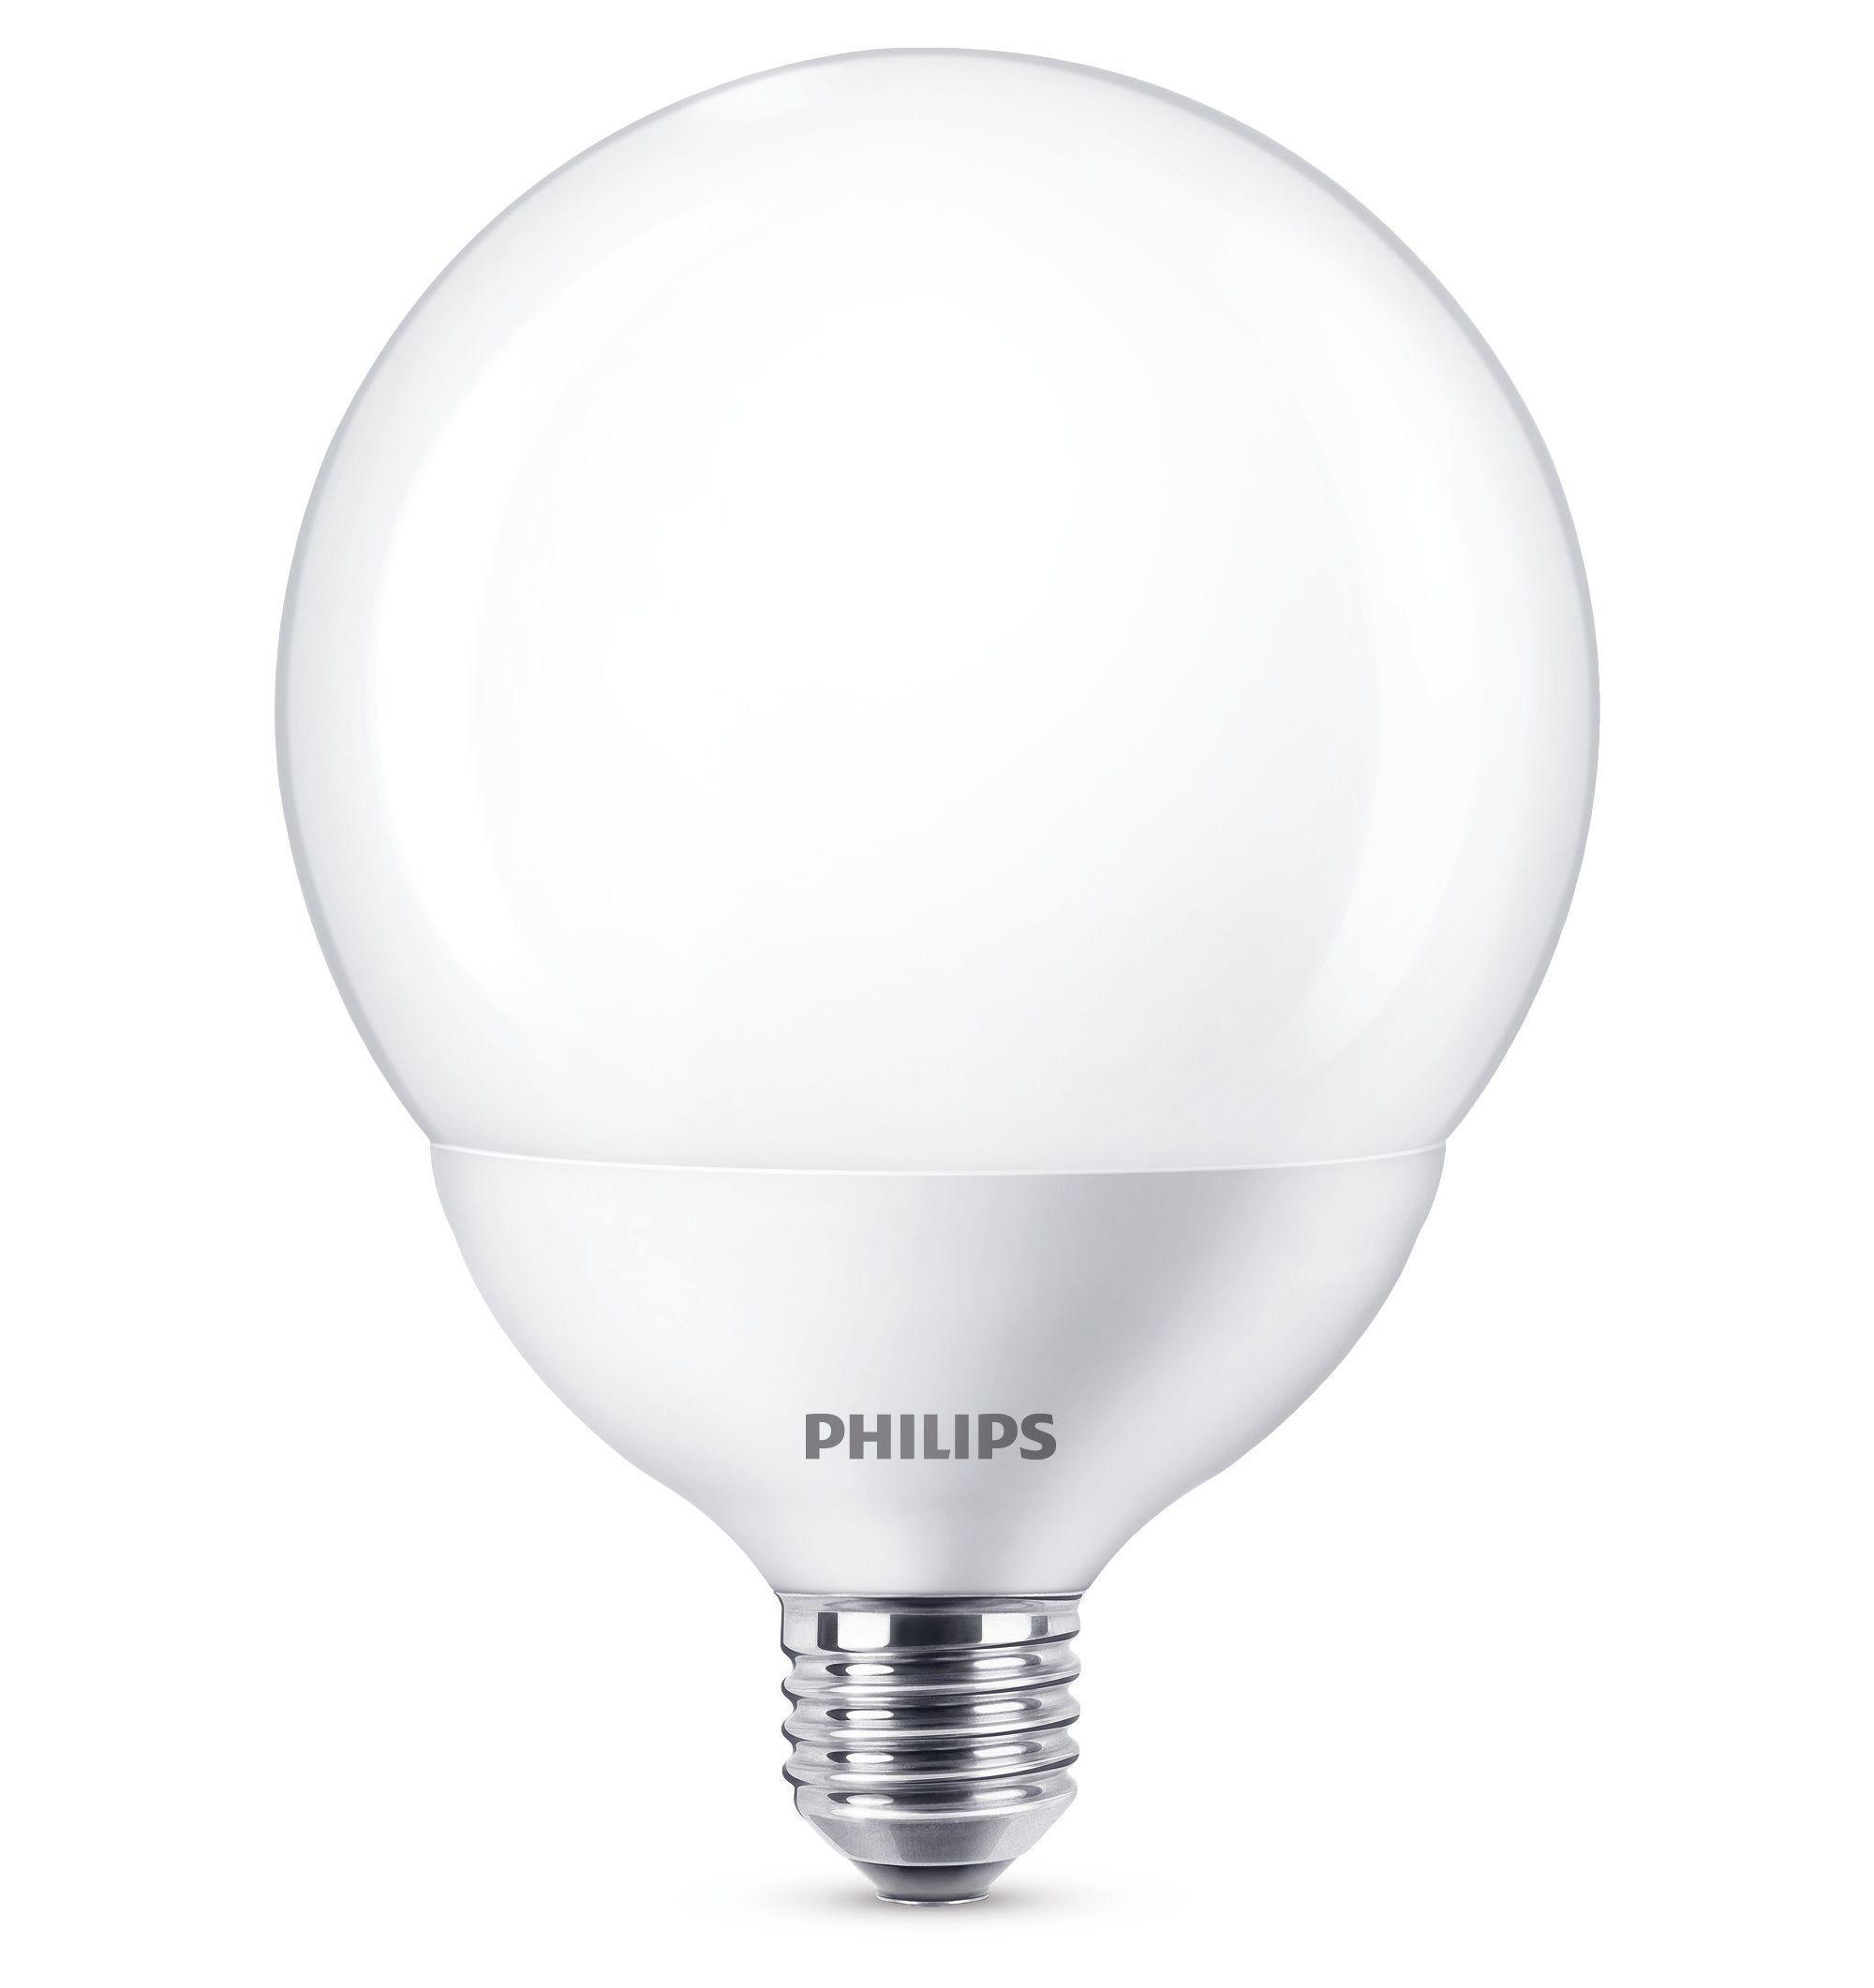 Philips Globo 8718696567593